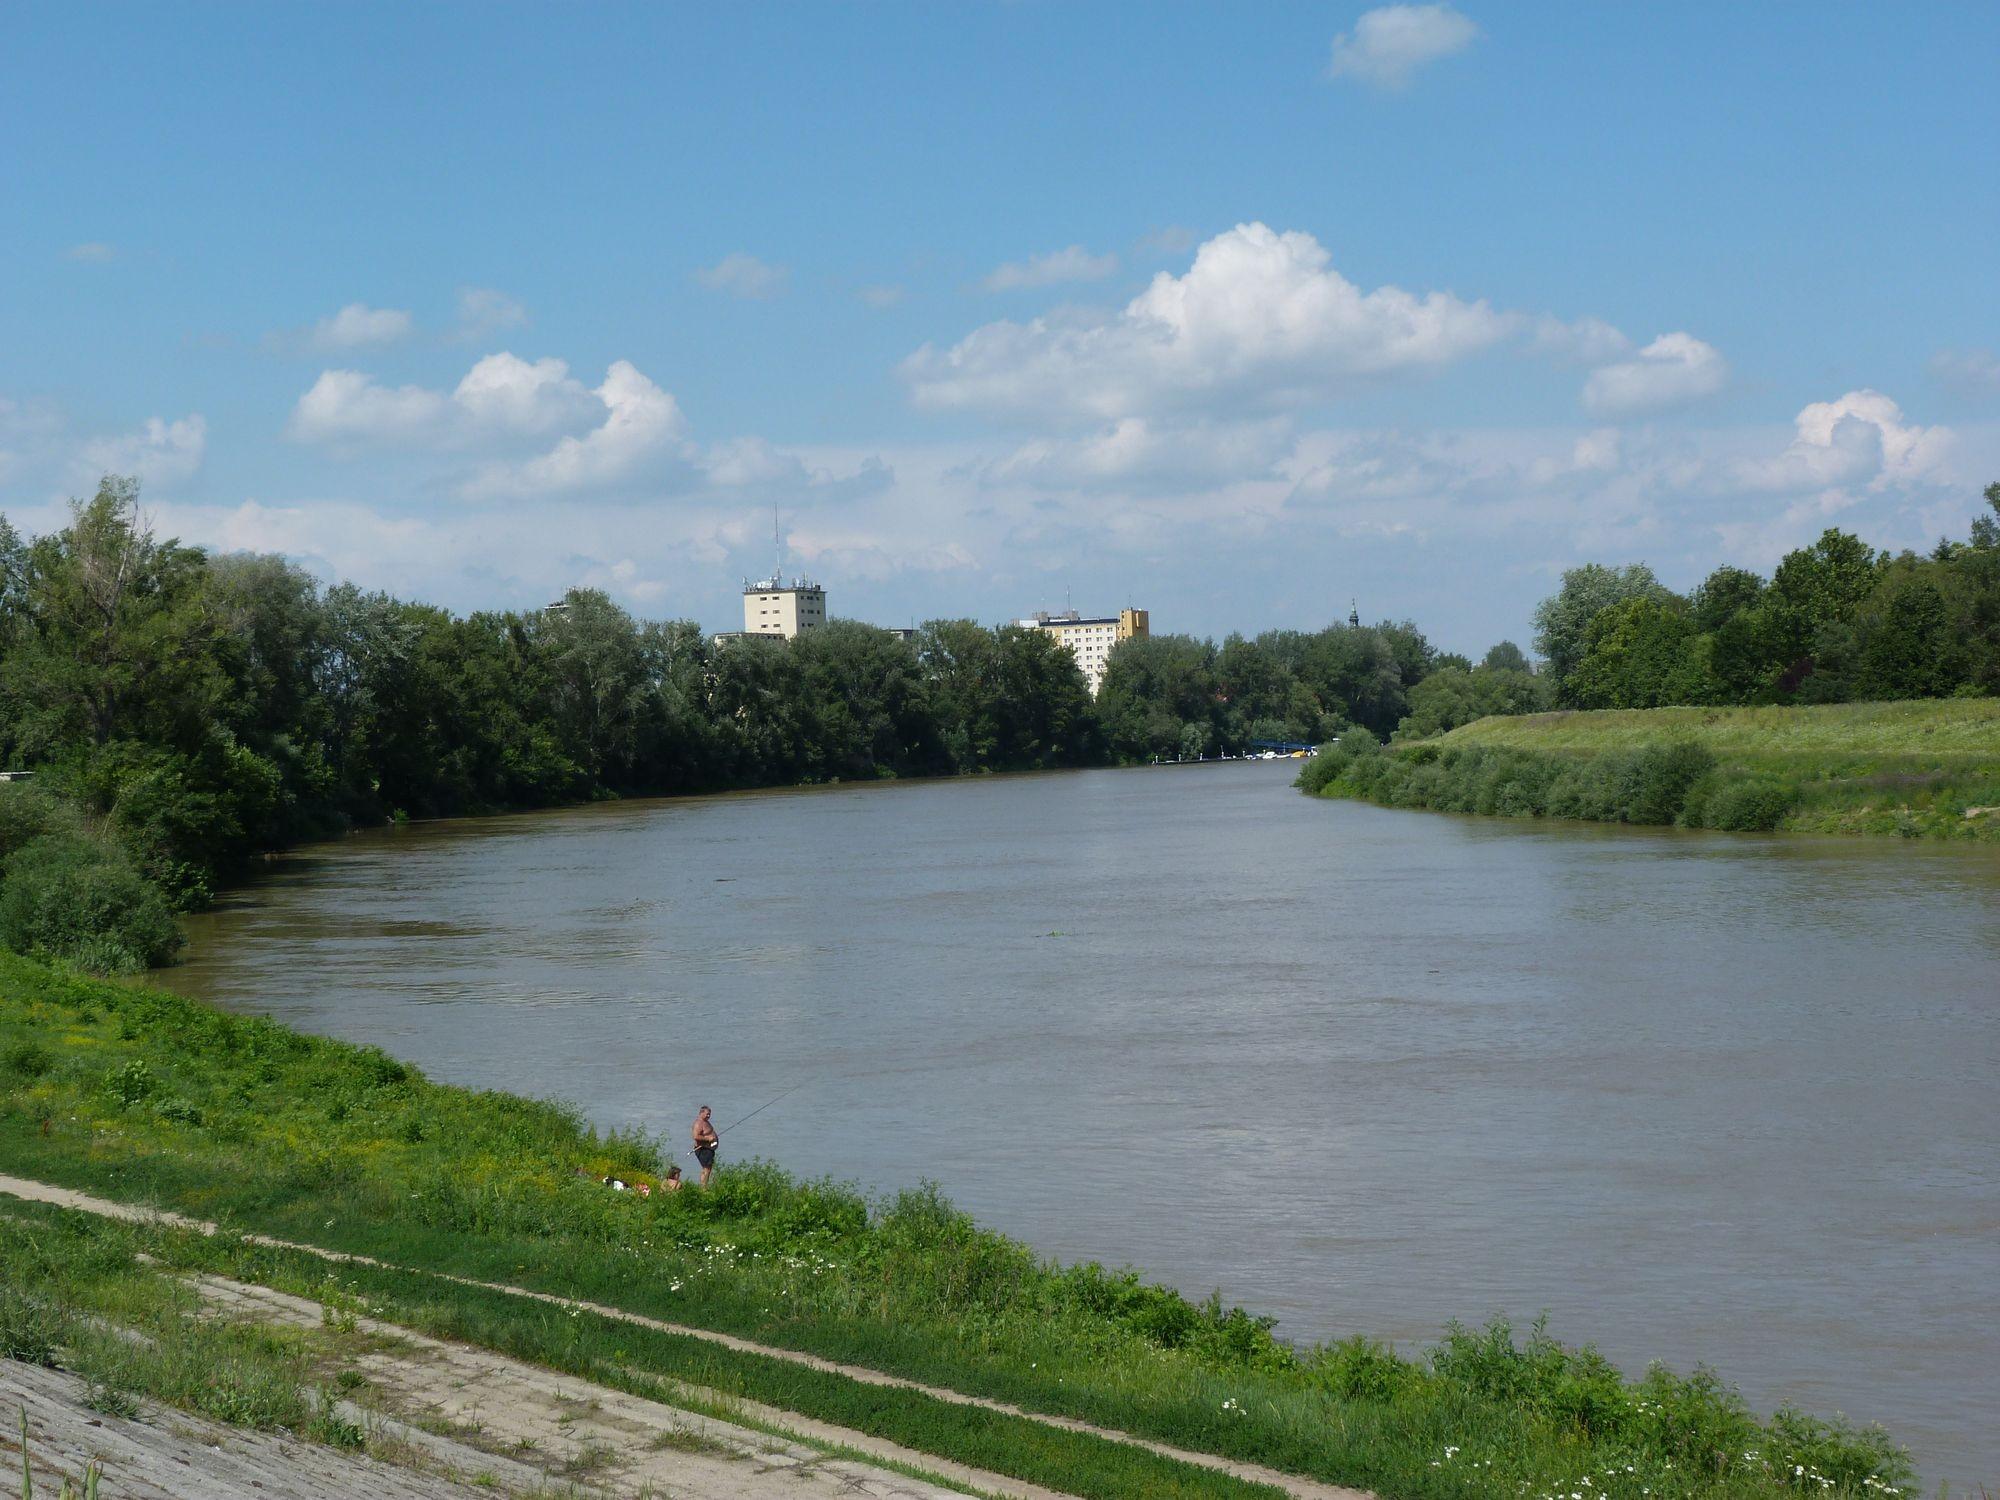 Tetőzés közelében a Tisza Szolnoknál